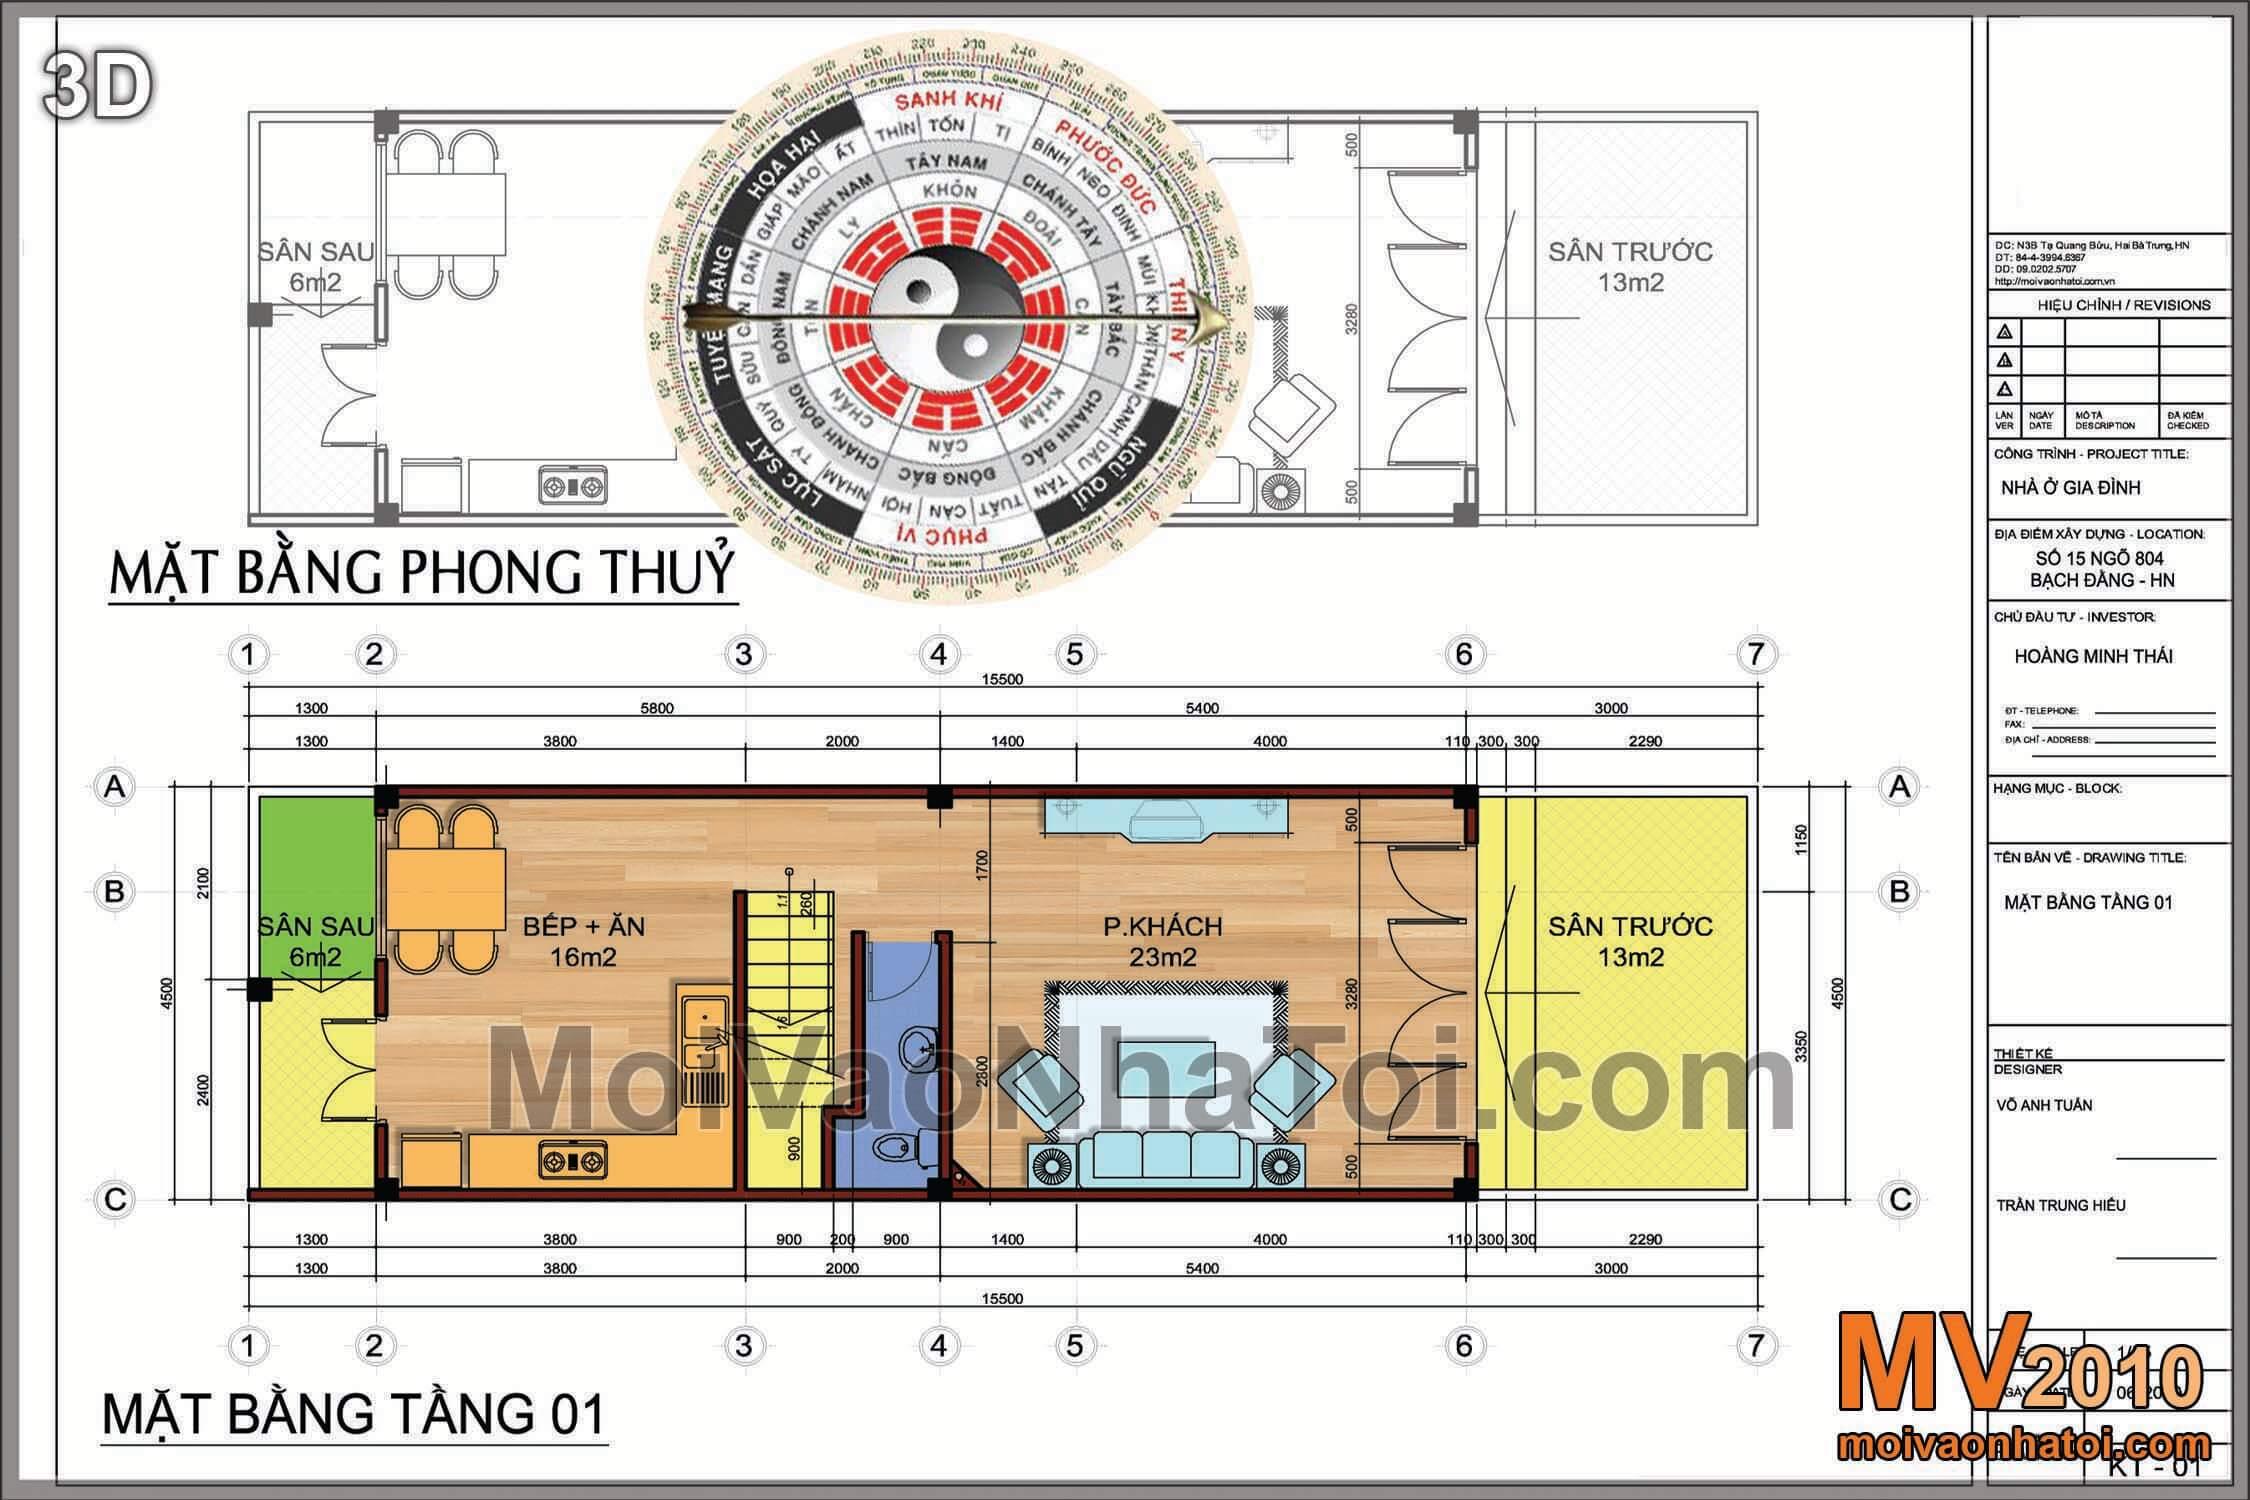 Phương án thiết kế nhà phố - tầng 1 & phân tích bố trí mặt bằng theo phong thủy